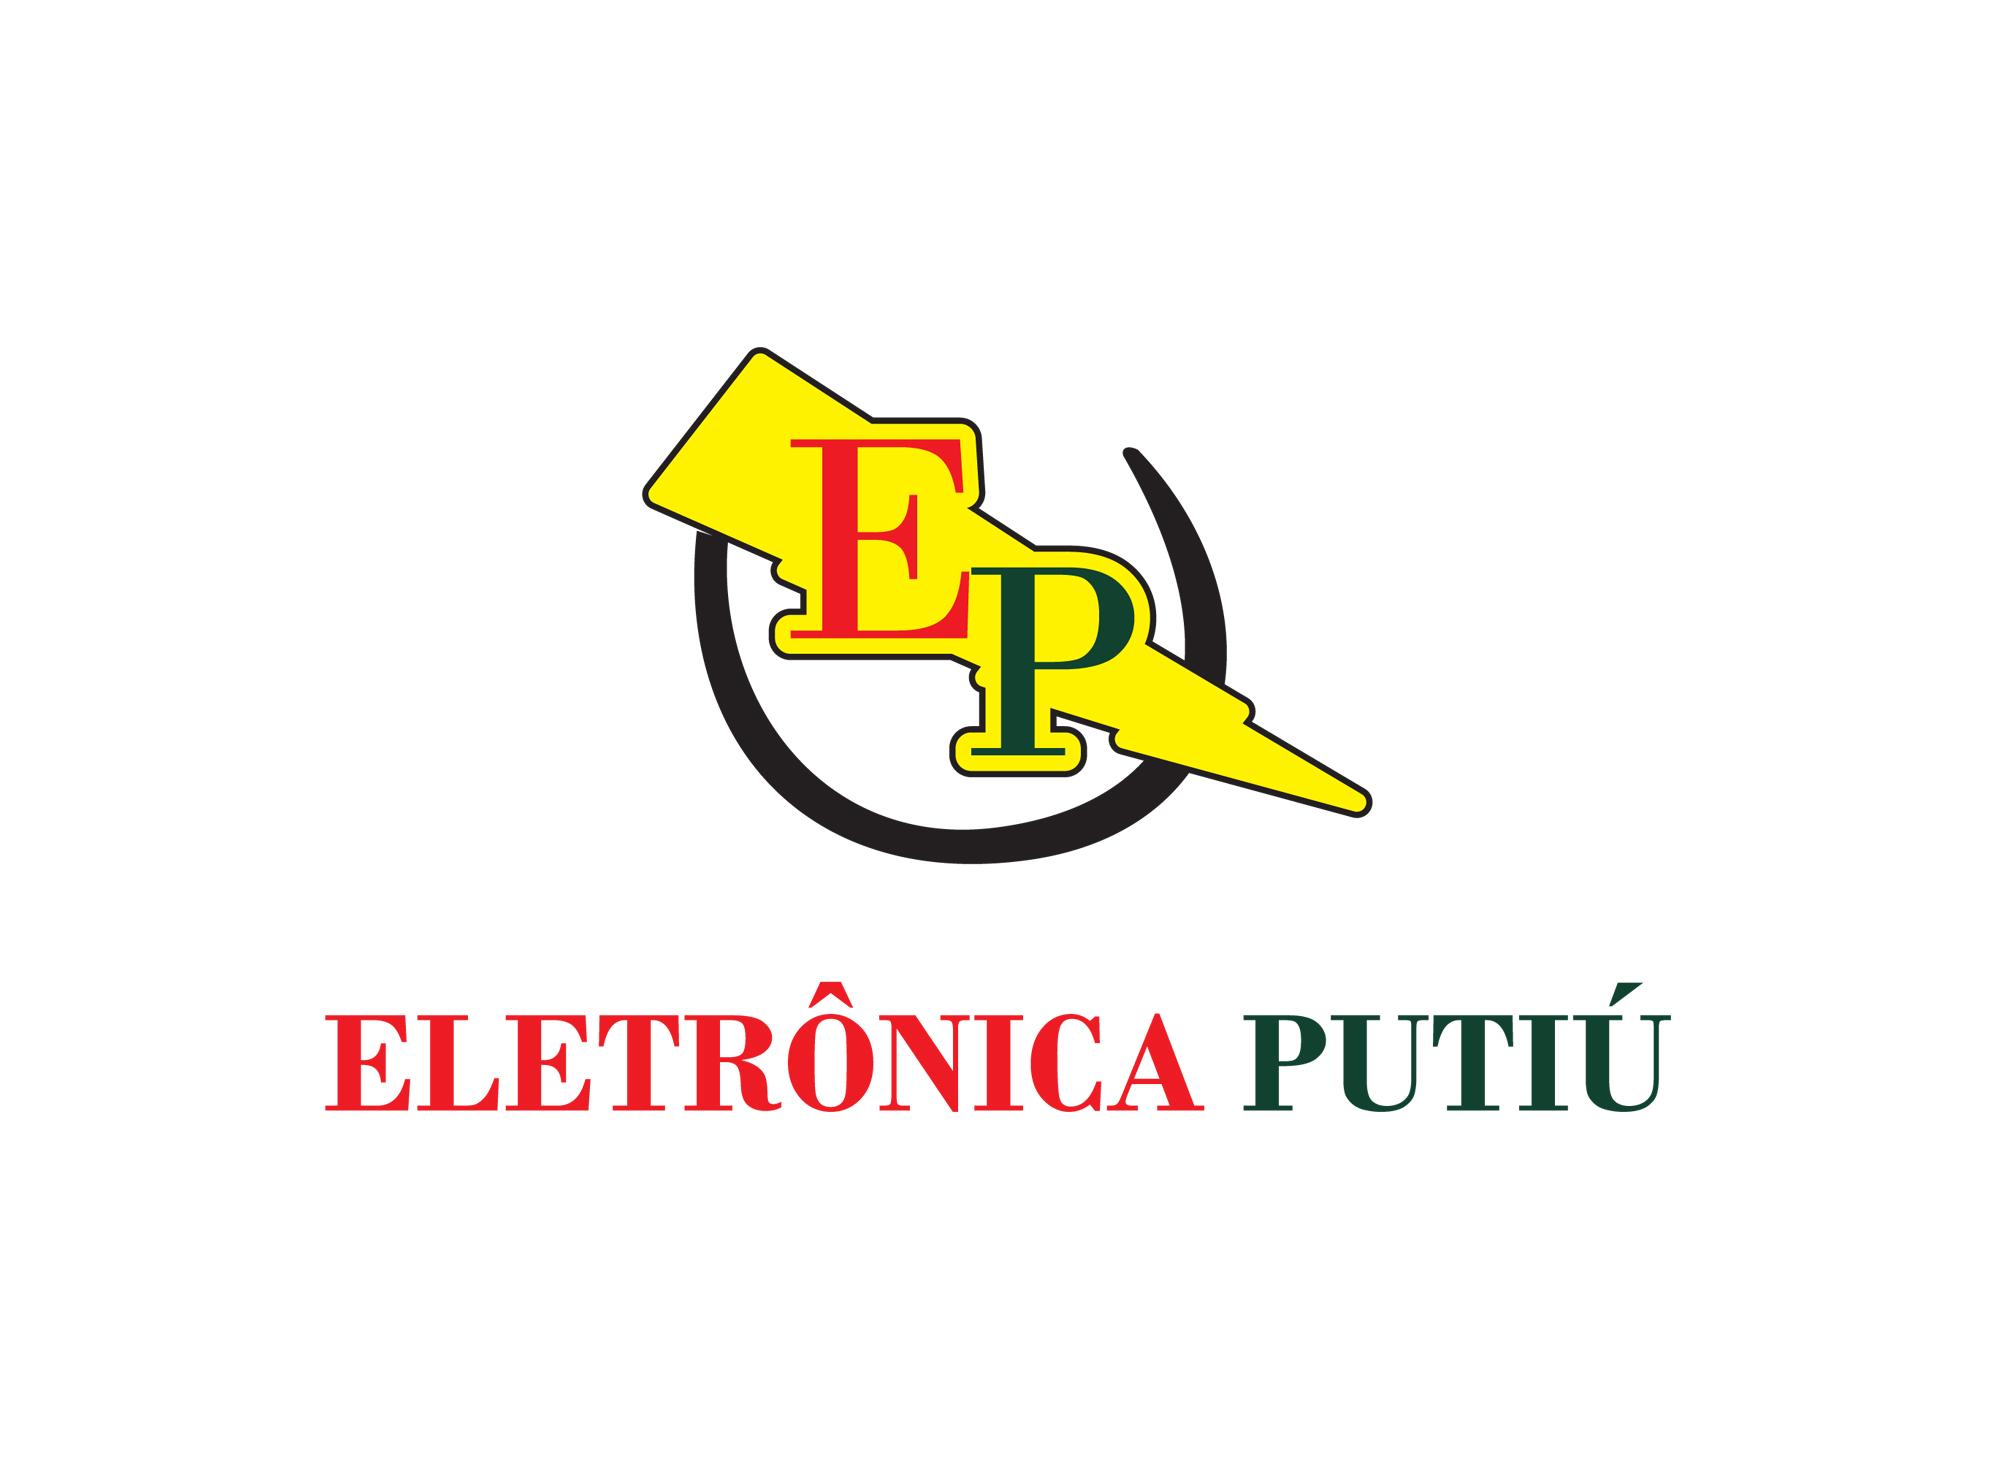 eletronica-putiu-cliente-agencia-diretriz-digital-marketing-fortaleza